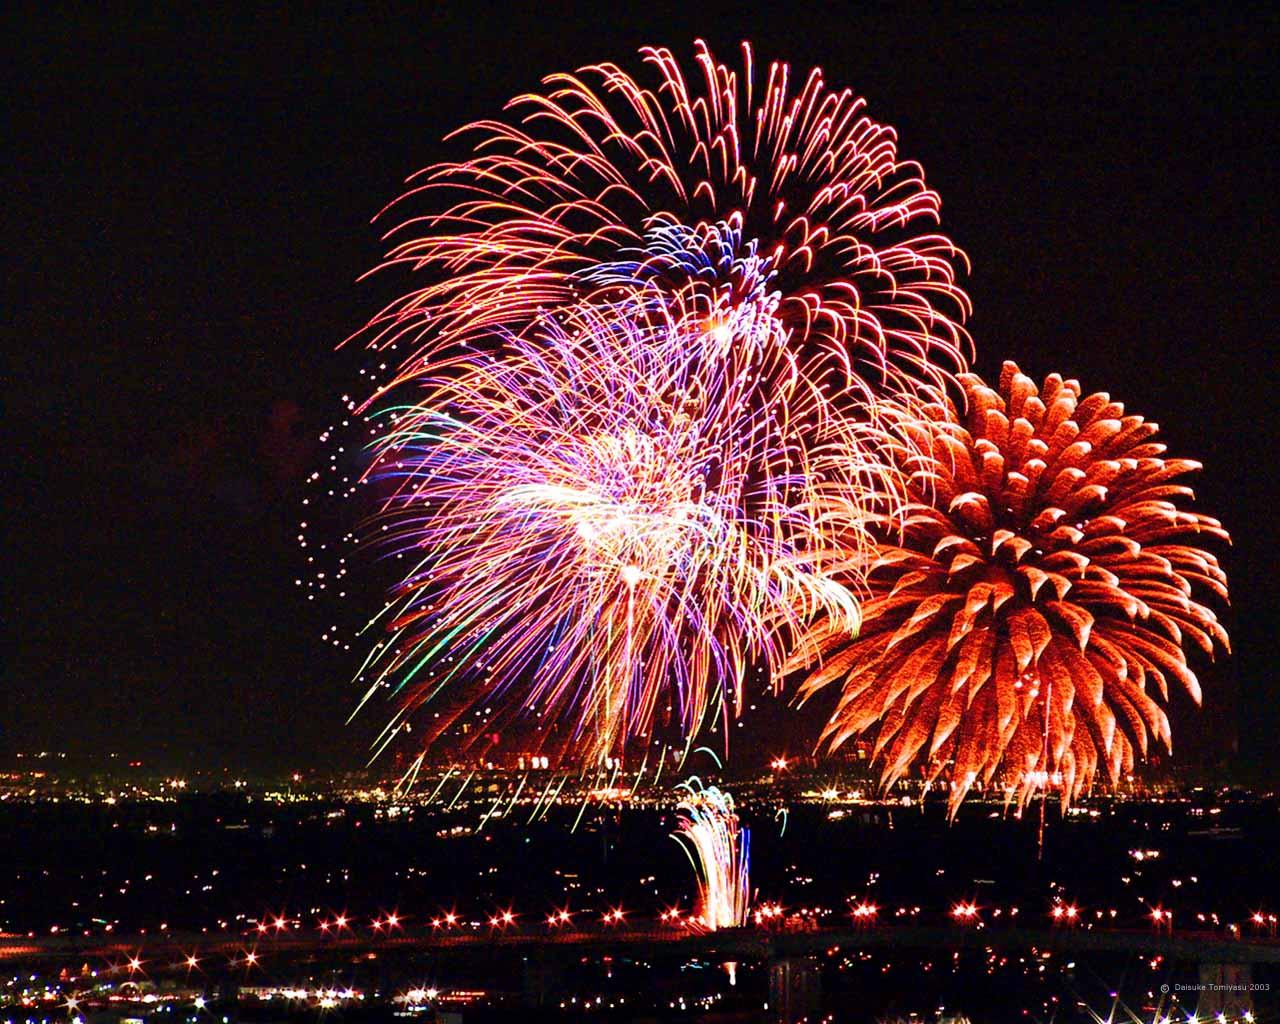 http://4.bp.blogspot.com/_FAktWGYlrJU/TR2Uk7NjQ-I/AAAAAAAAAxI/J7JbVW5eido/s1600/4th-of-july-fireworks.jpg